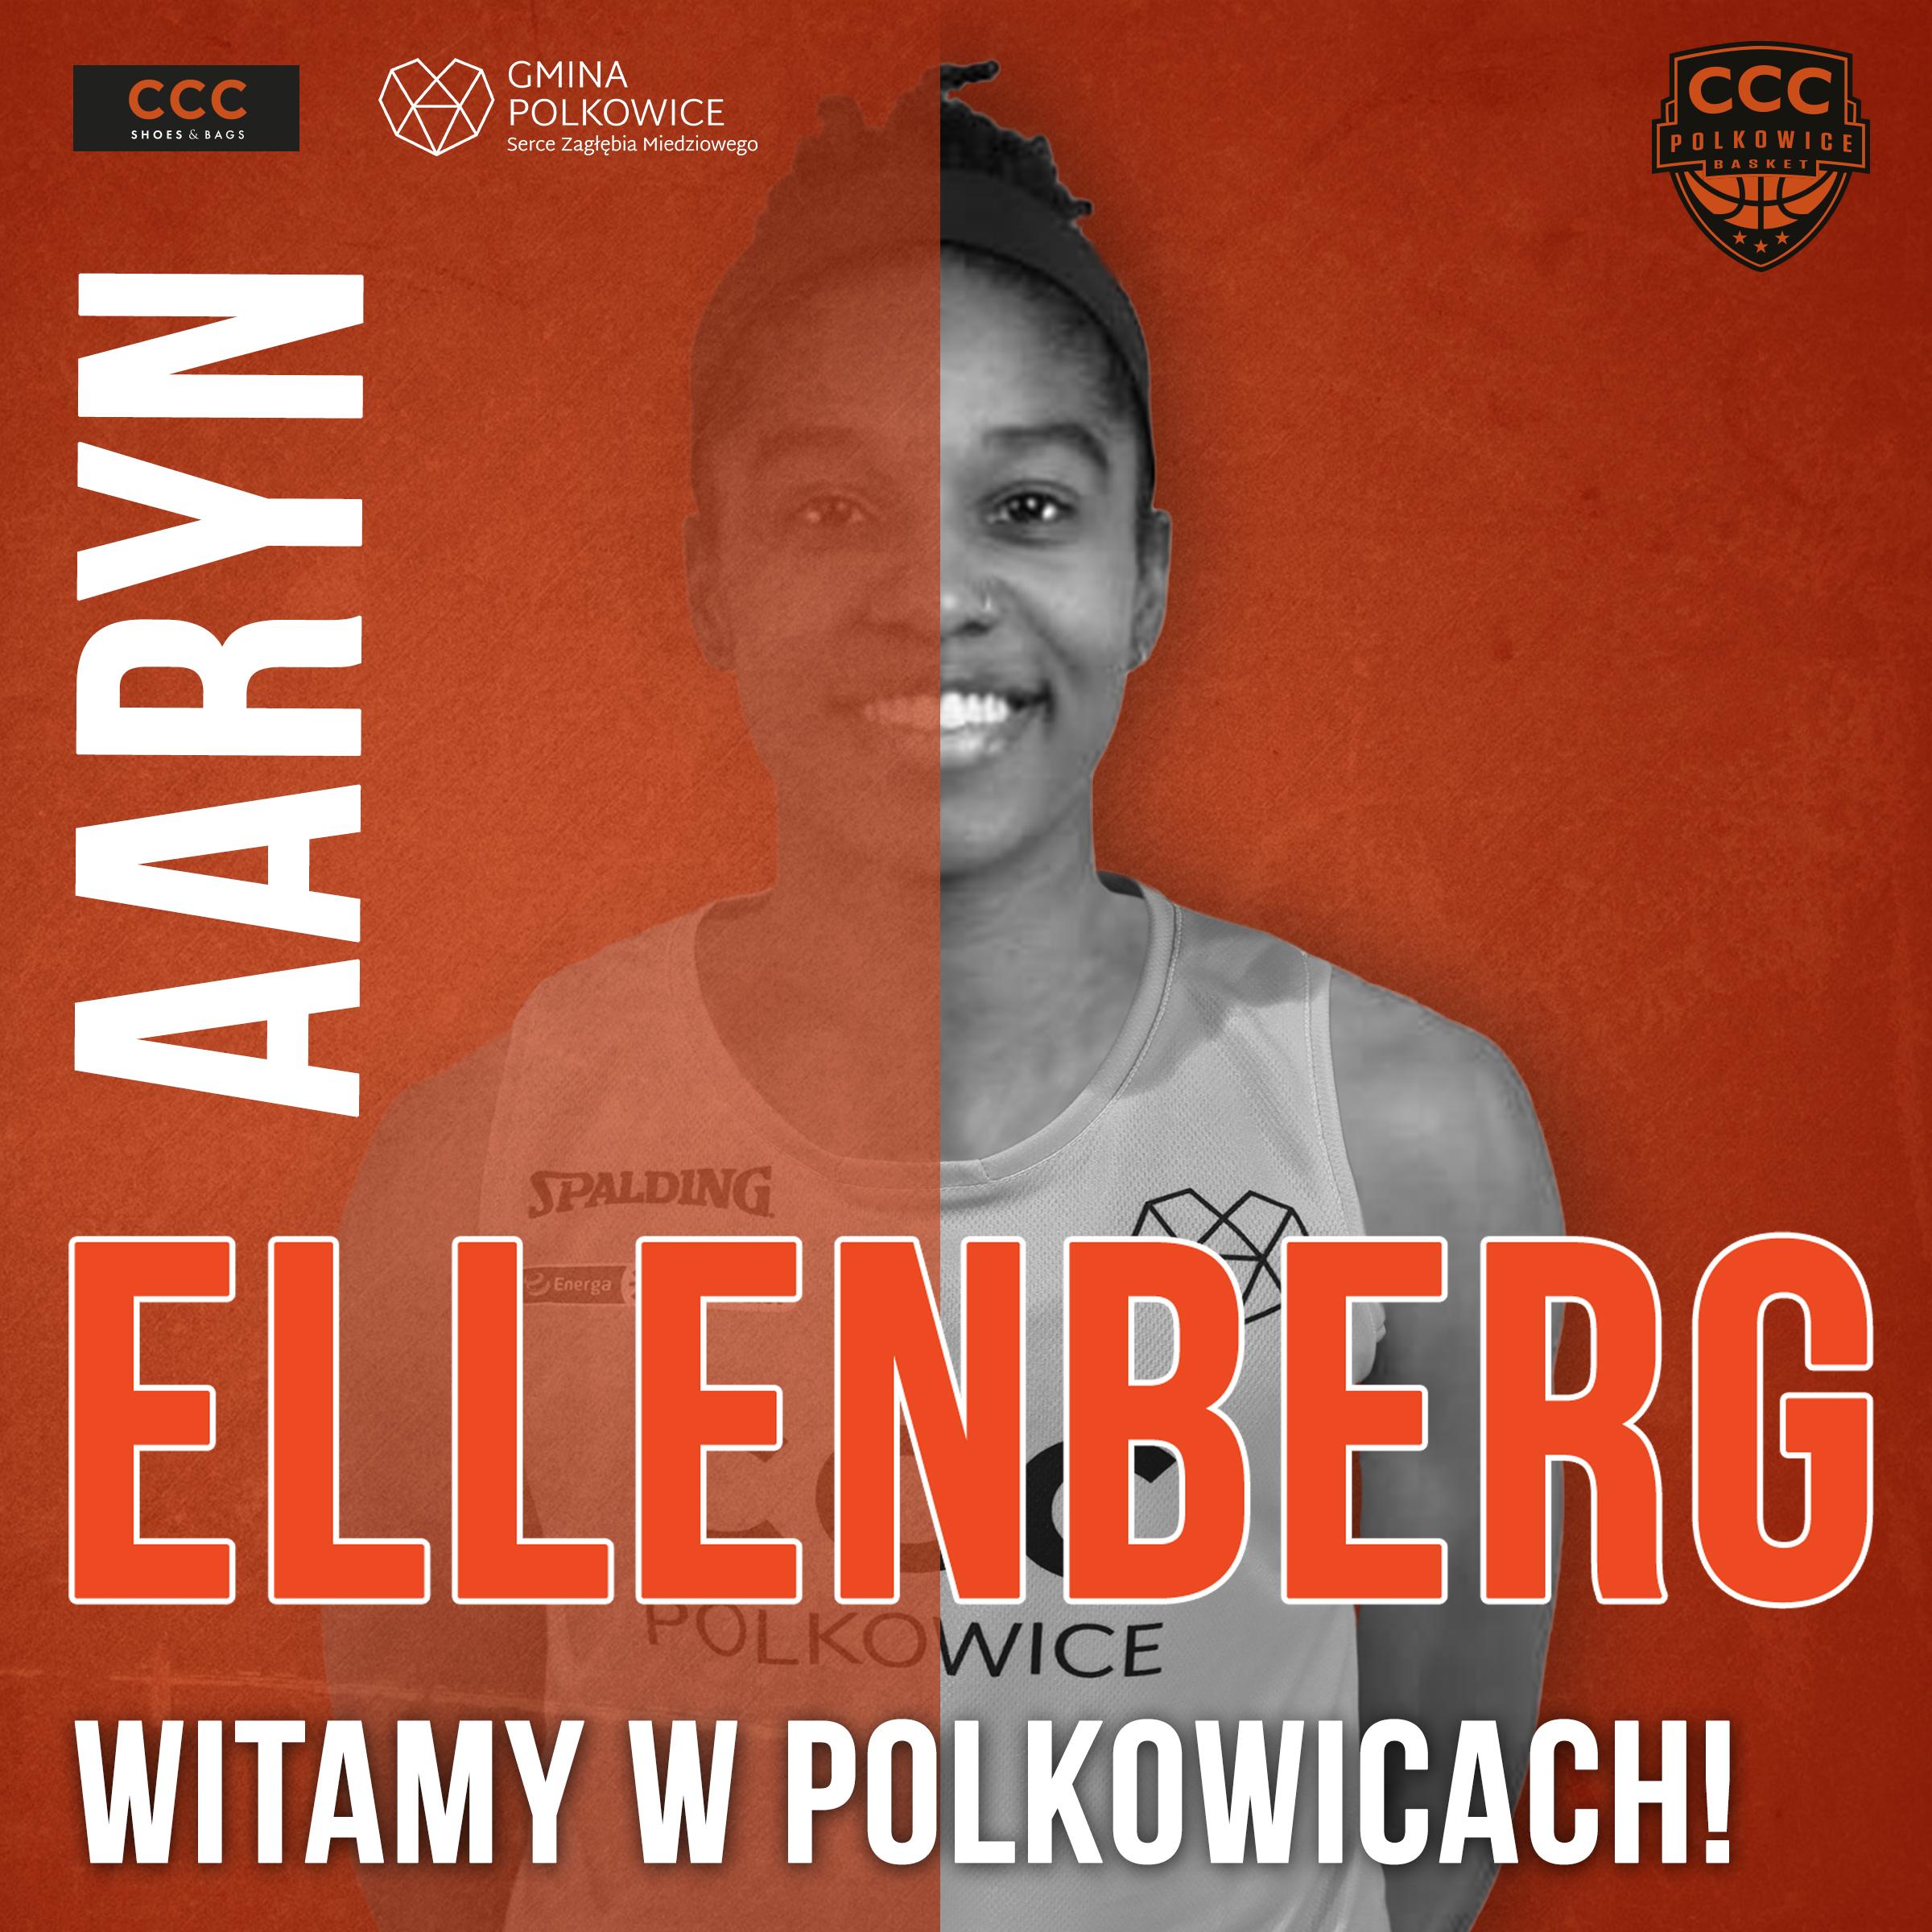 Aaryn Ellenberg